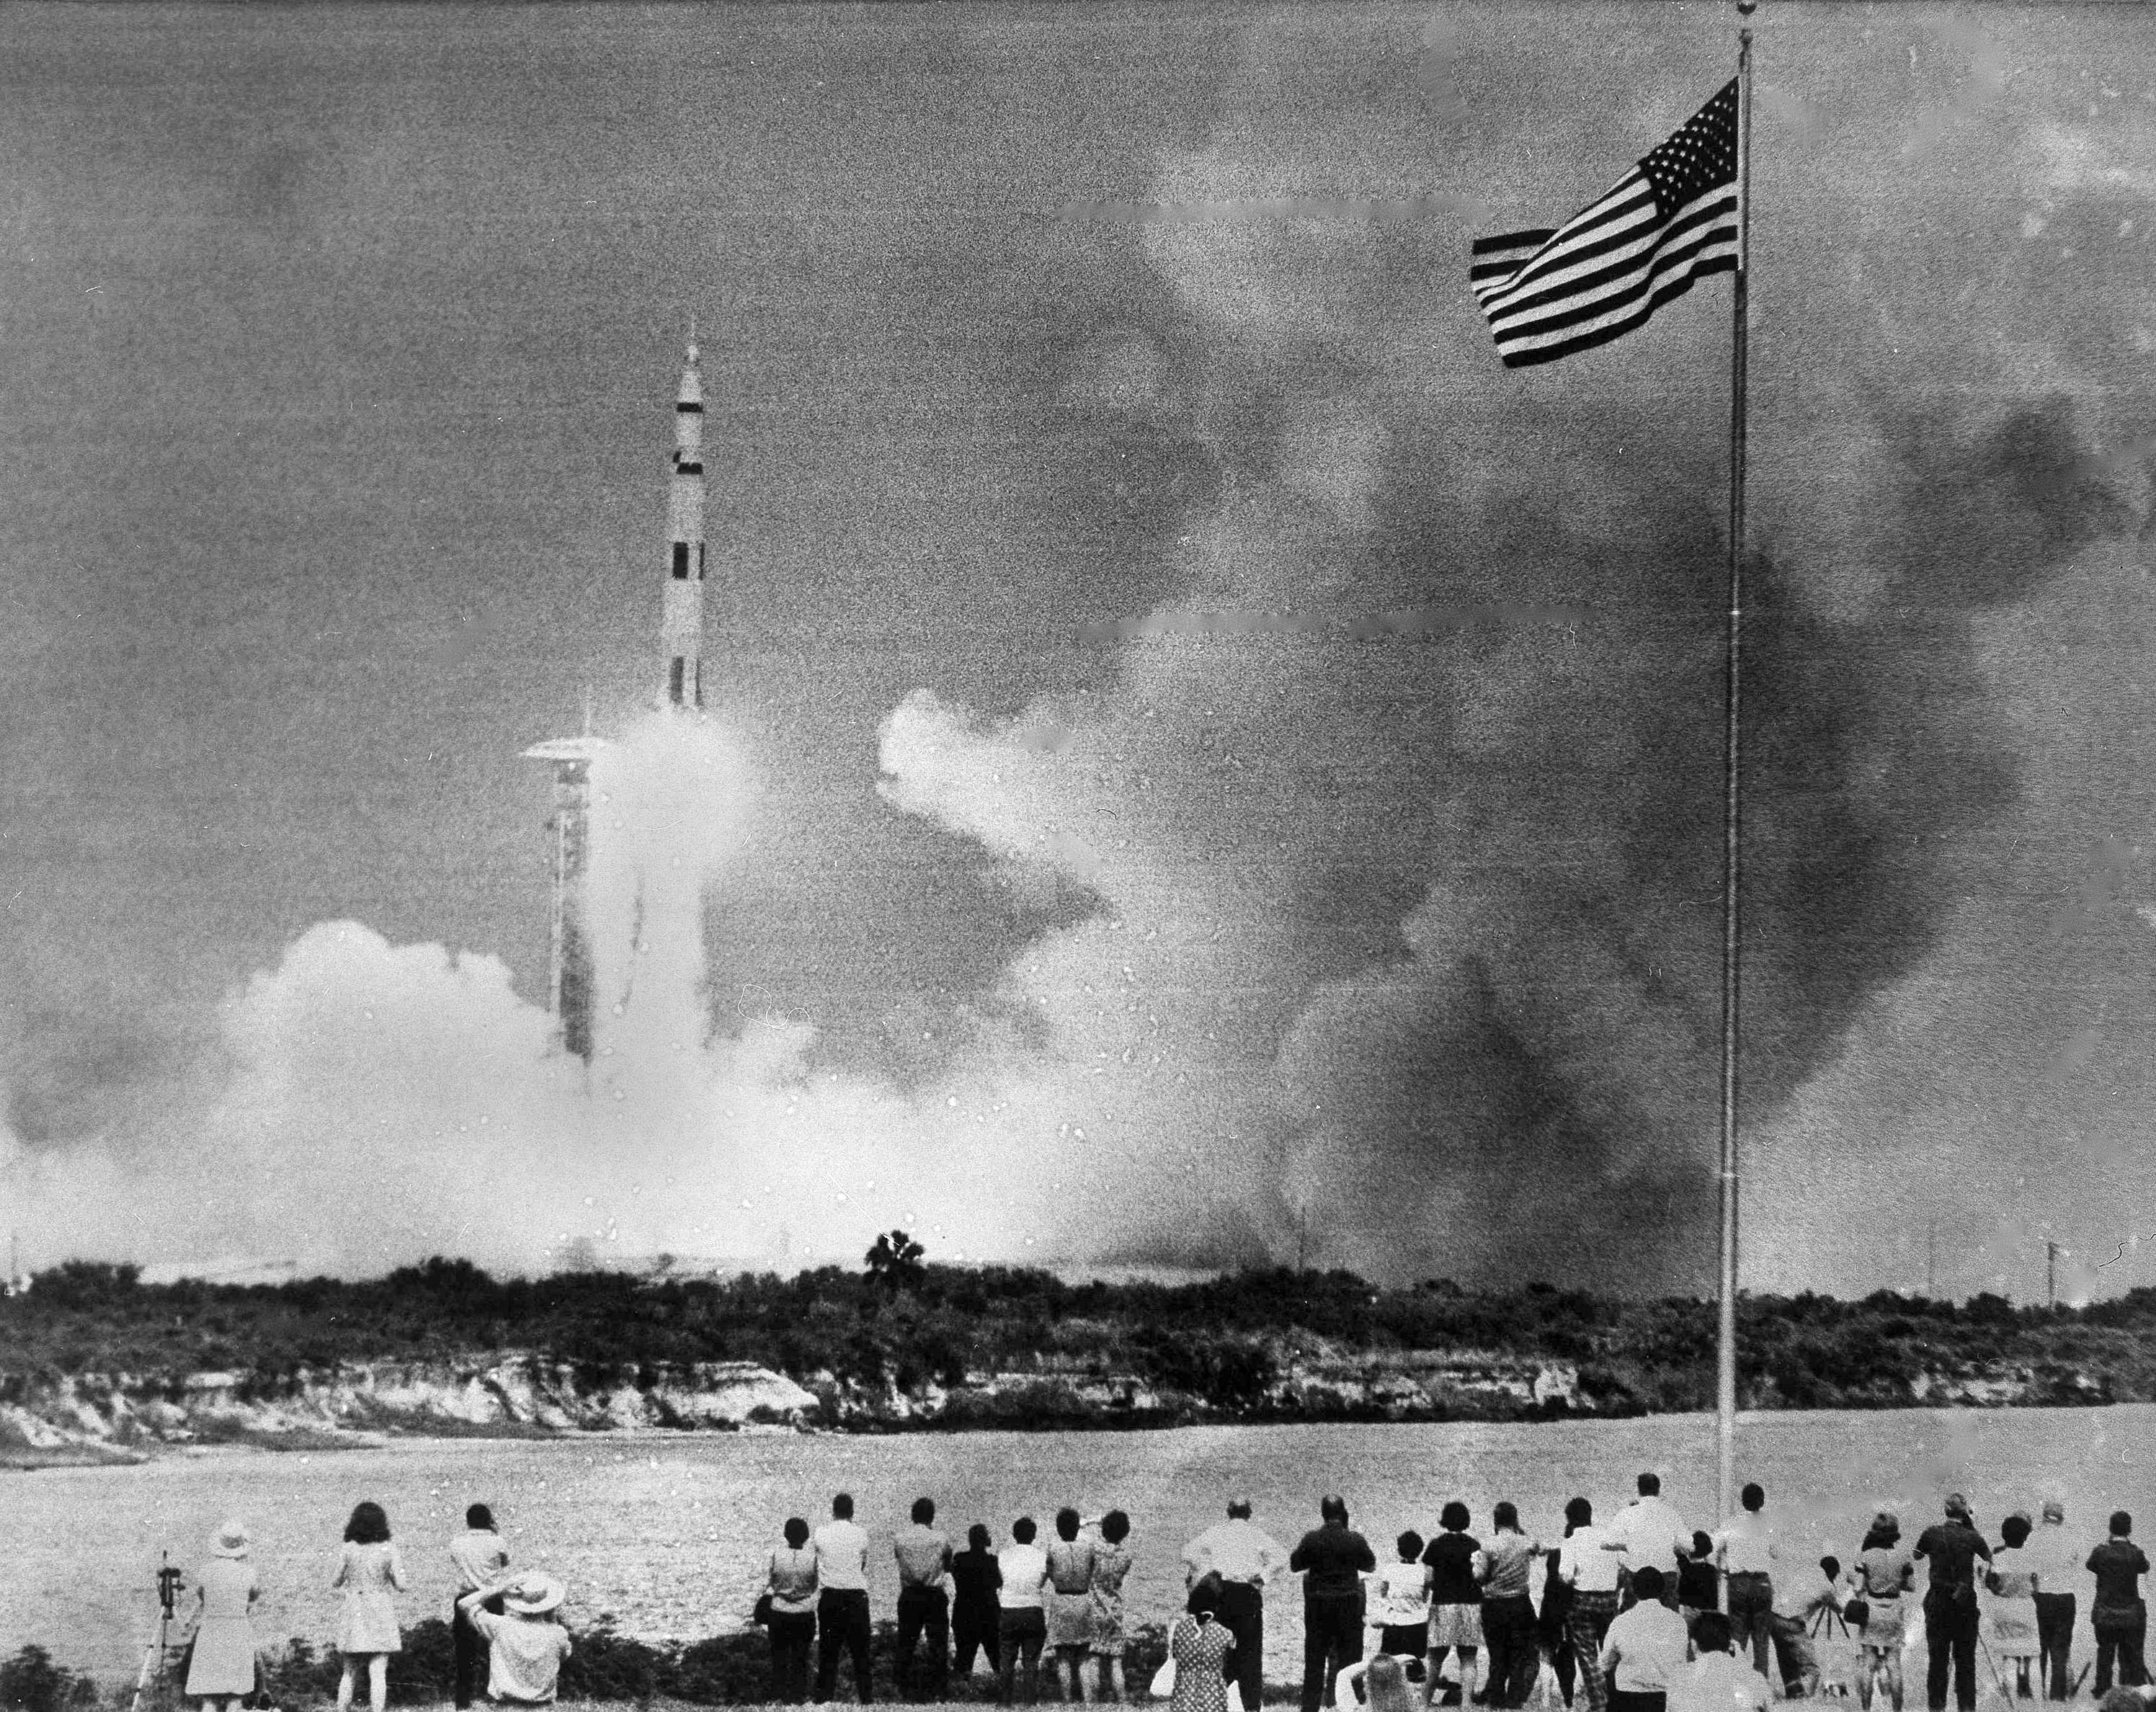 執行「阿波羅13號」登月任務的美國三名太空人,1970年4月11日13時13分,由「土星」號火箭運送進入太空。